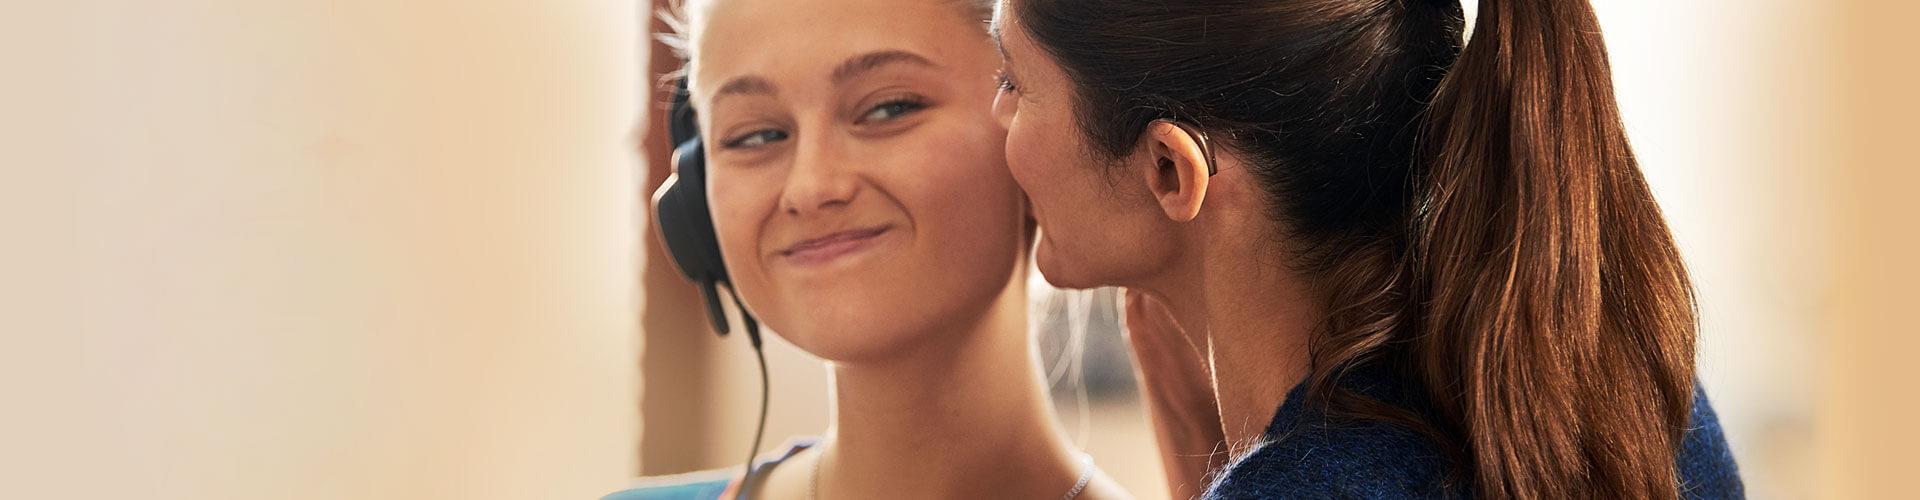 Les aides auditives vous changent la vie